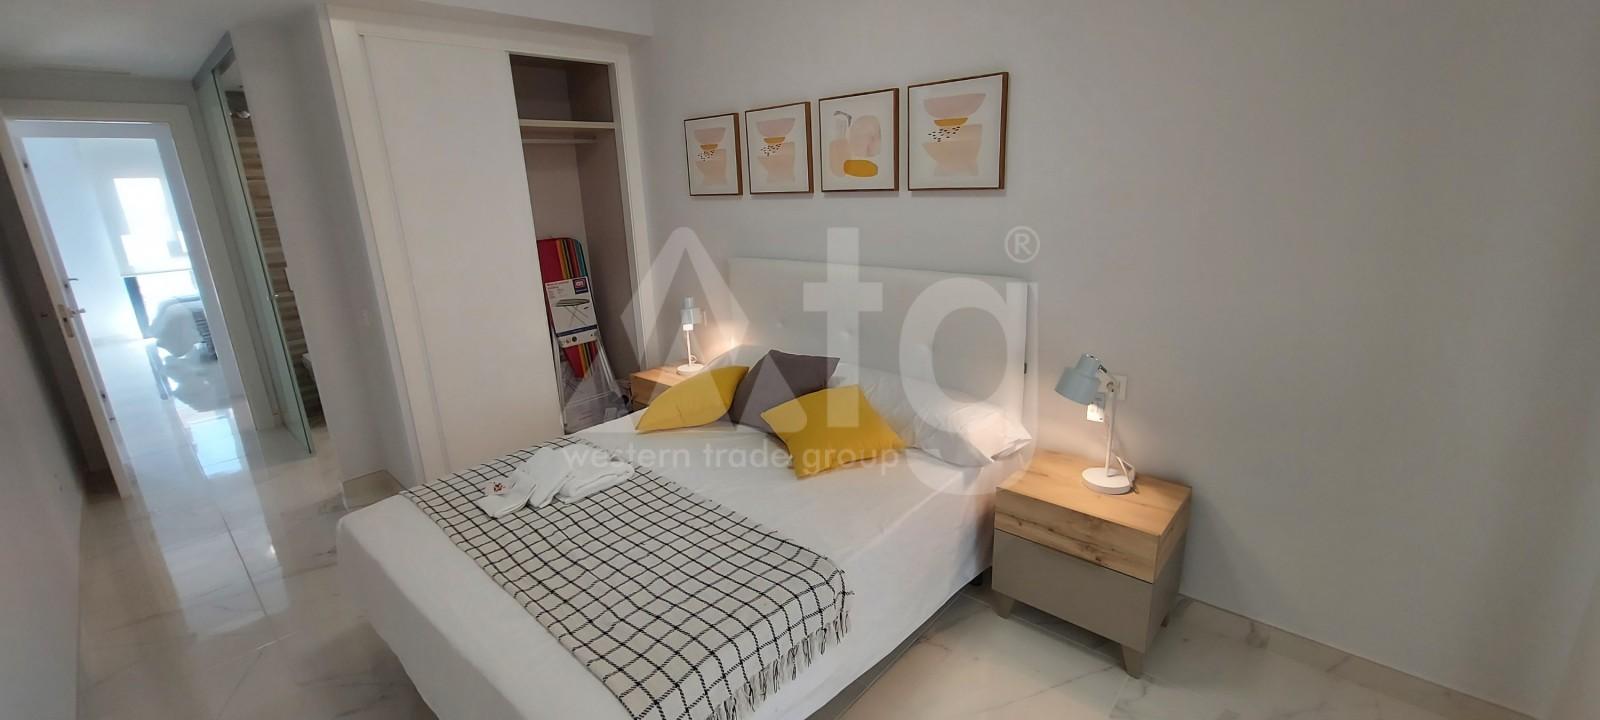 2 bedroom Apartment in Guardamar del Segura - DI6363 - 10